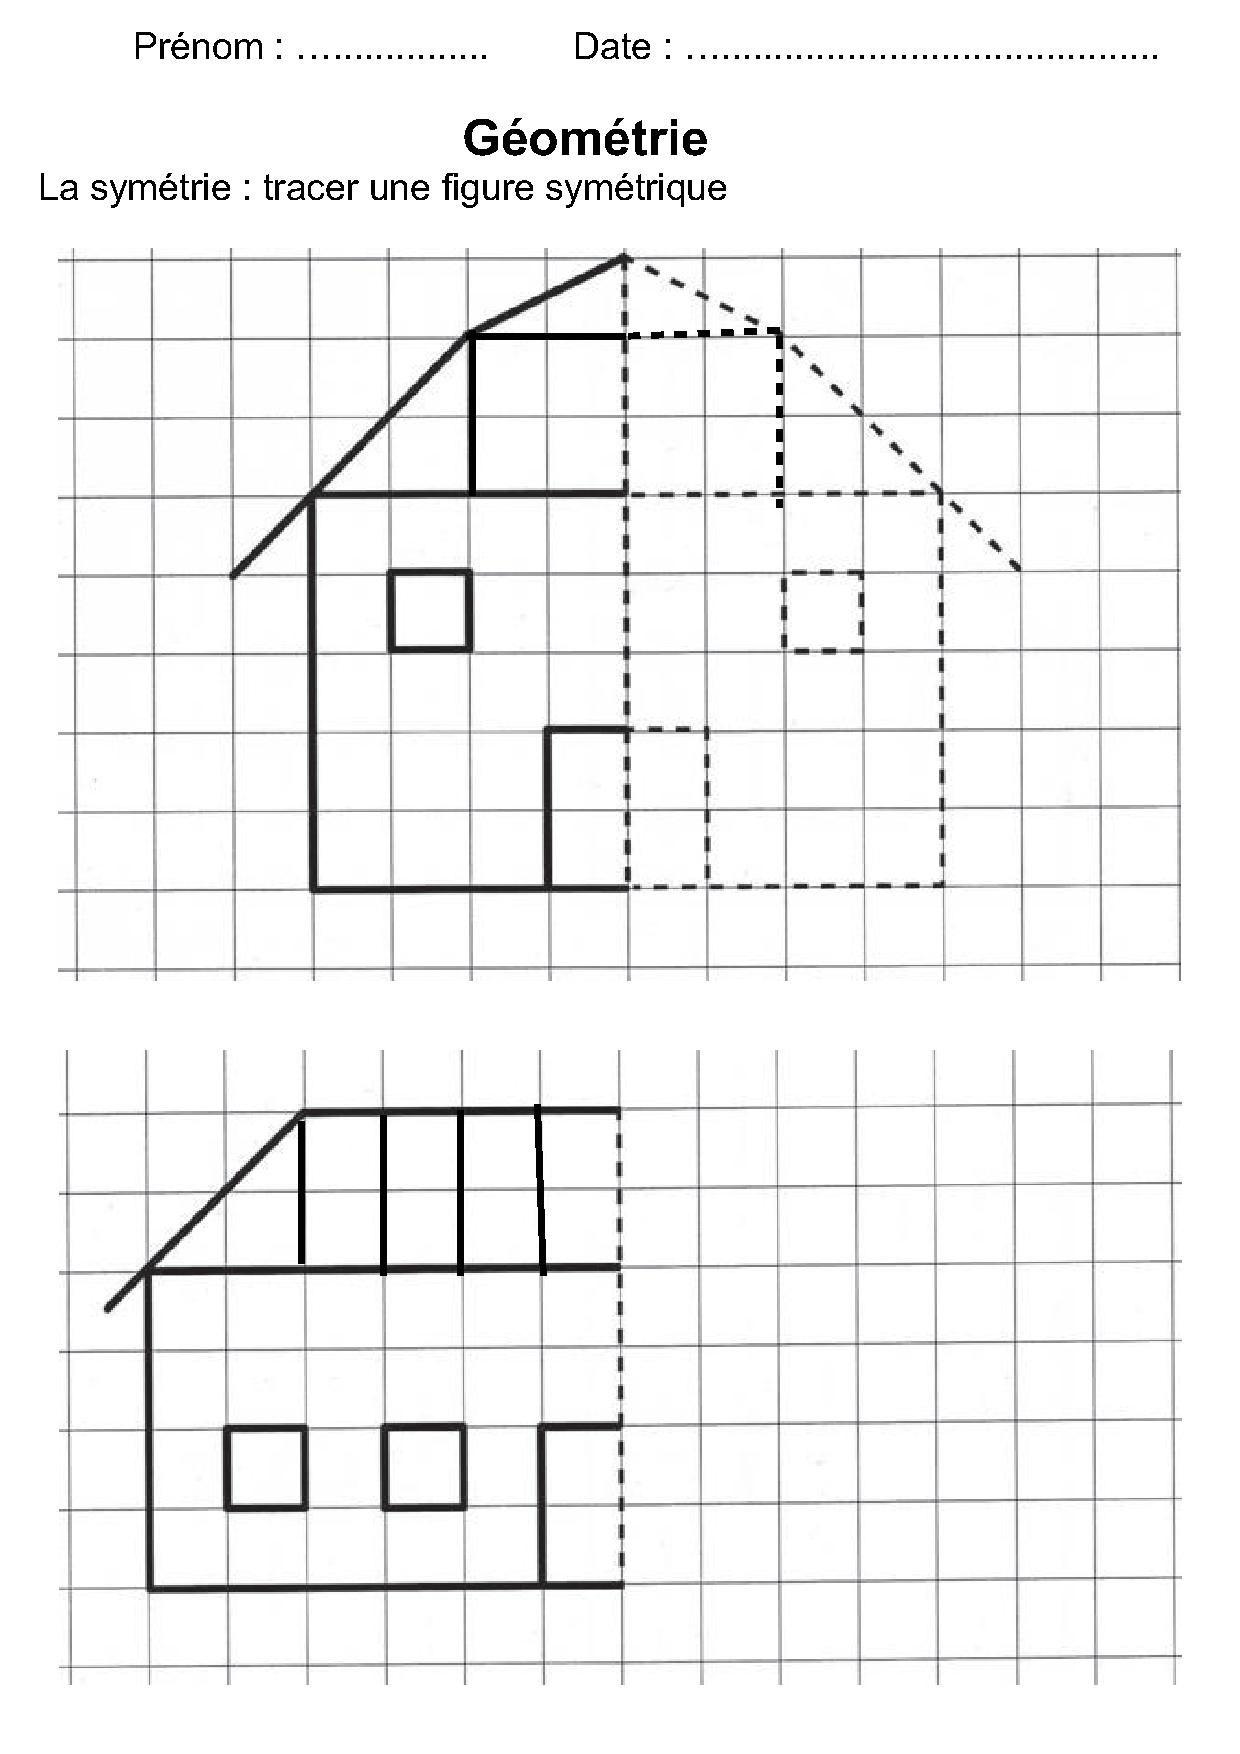 Géométrie Ce1,ce2,la Symétrie,reproduire Une Figure dedans Évaluation Cm1 Symétrie